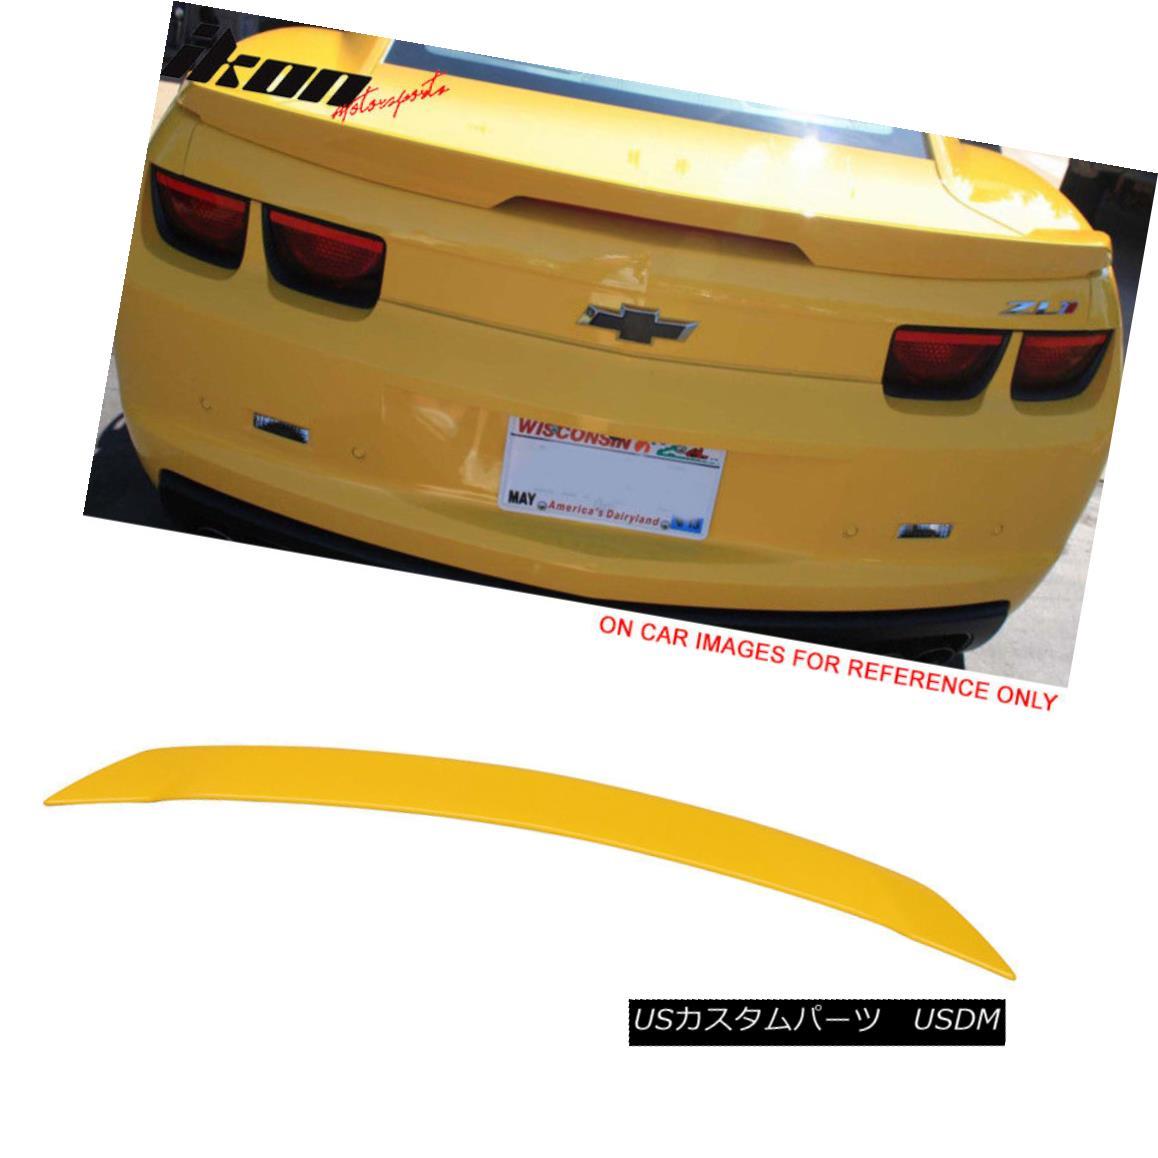 エアロパーツ 10-13 Chevy Camaro ZL1 Style Trunk Spoiler Wing Painted #WA9414 Yellow 10-13シボレー・カマロZL1スタイル・トランク・スポイラー・ウィング・ペイント#WA9414イエロー